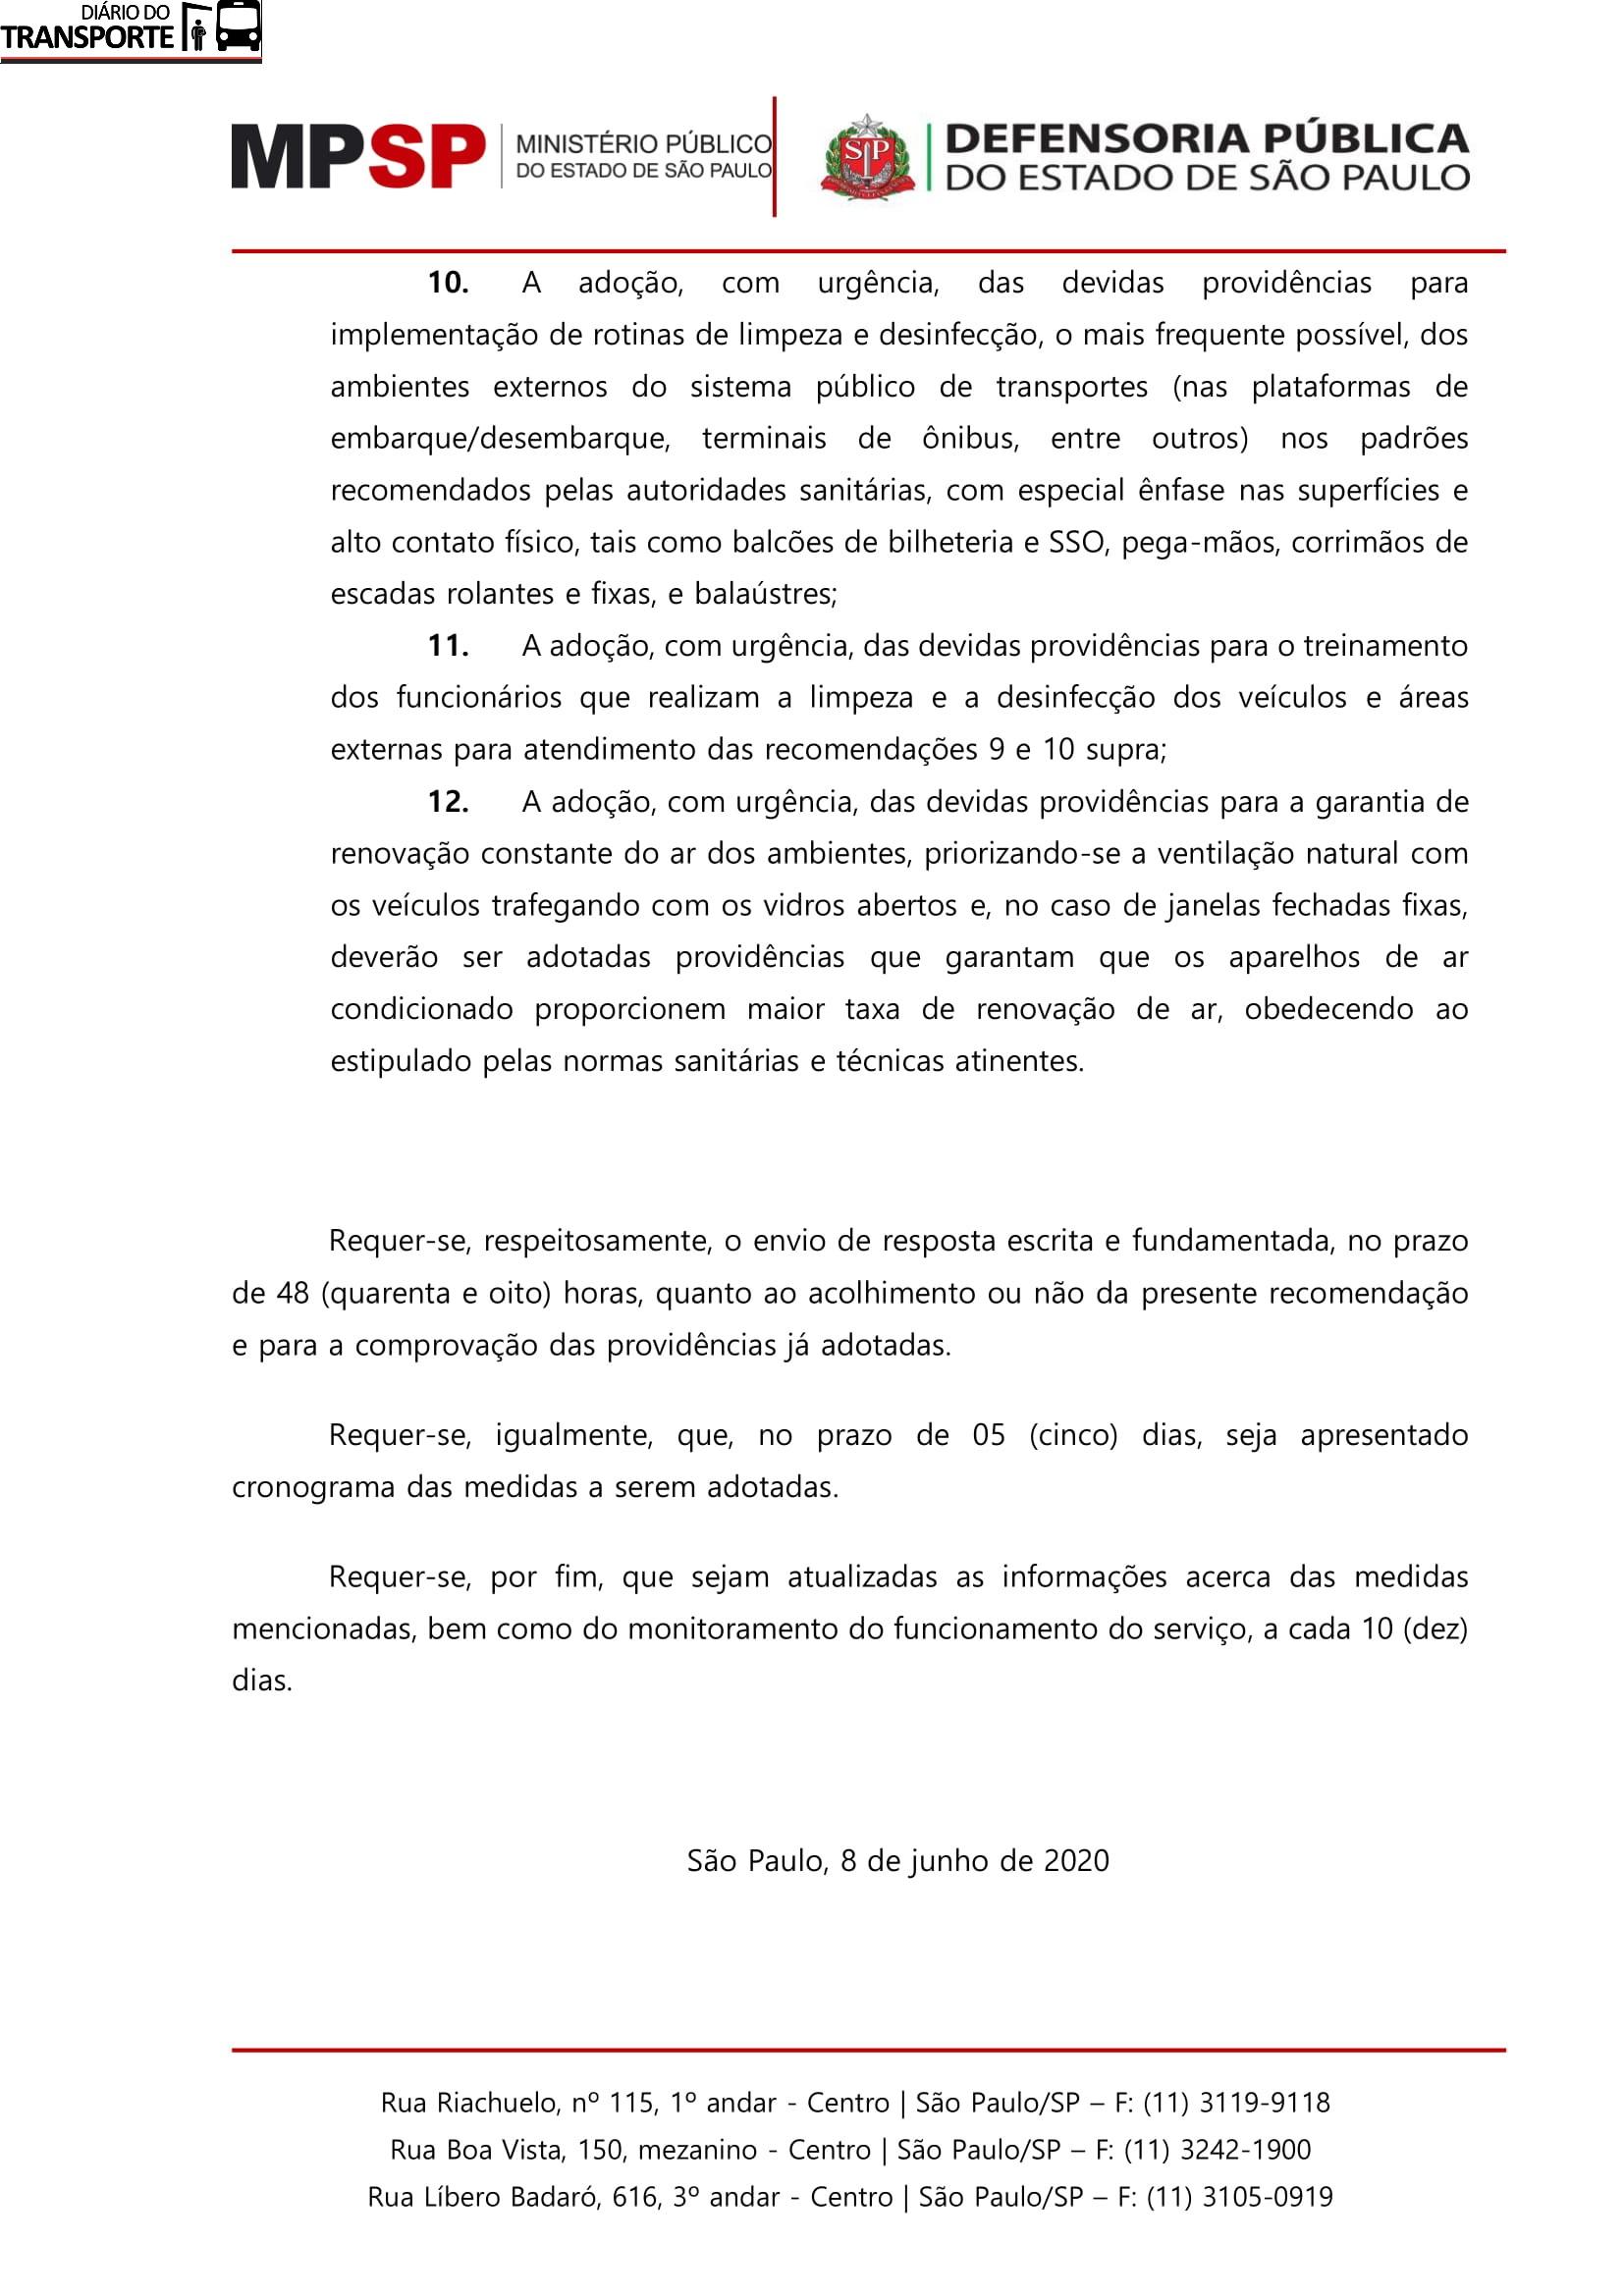 recomendação transporte_SPTRANS-12